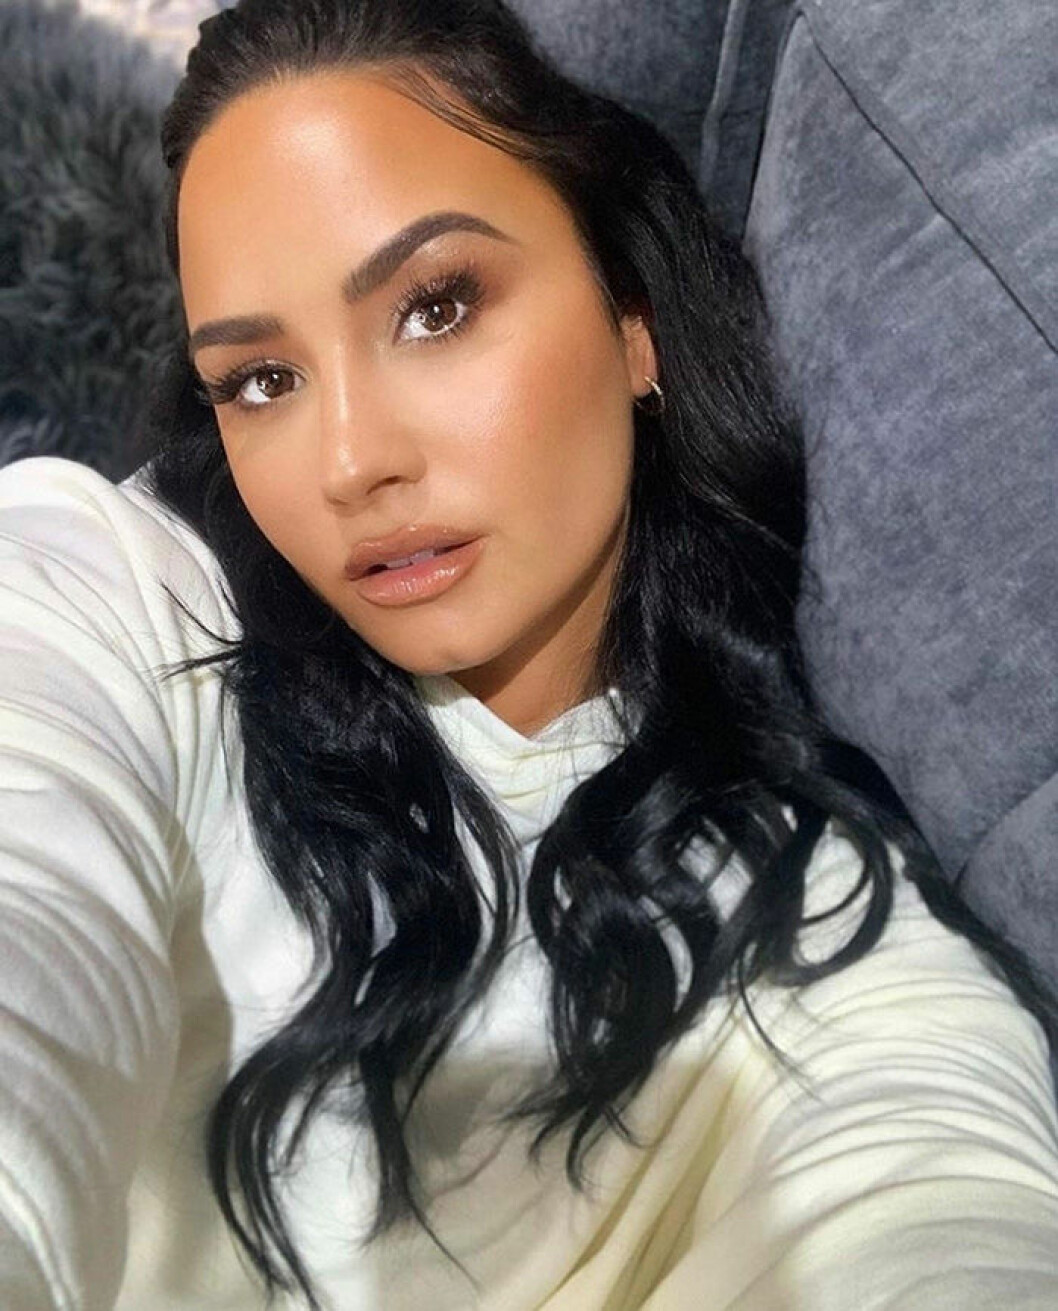 En bild på sångerskan Demi Lovato, som säger att hon är sexuellt attraherad av både män och kvinnor.